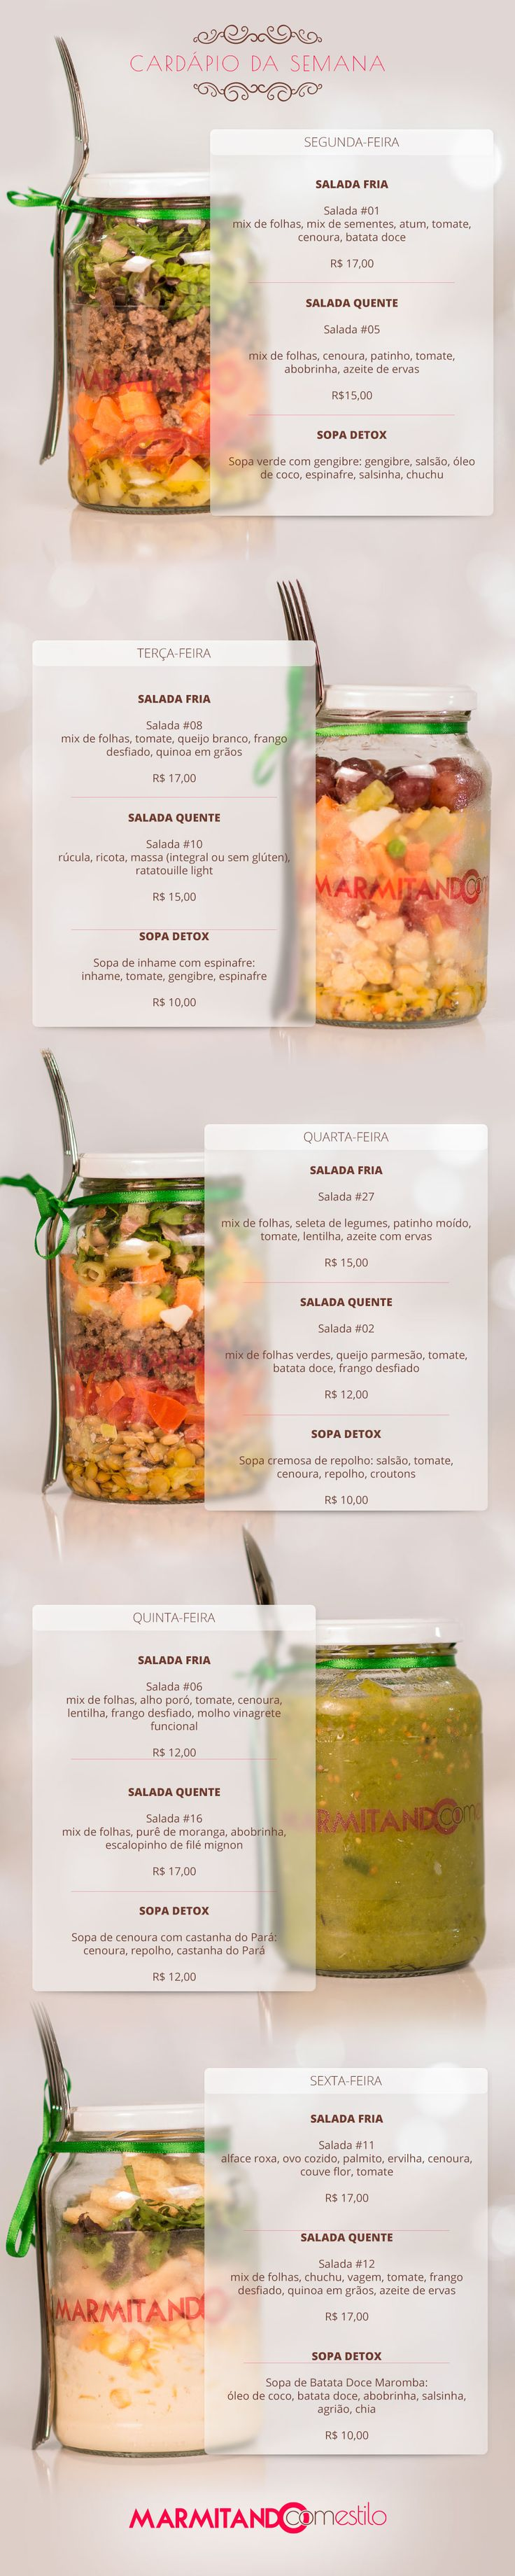 Read More : vegetarianlasagna.blogspot.com